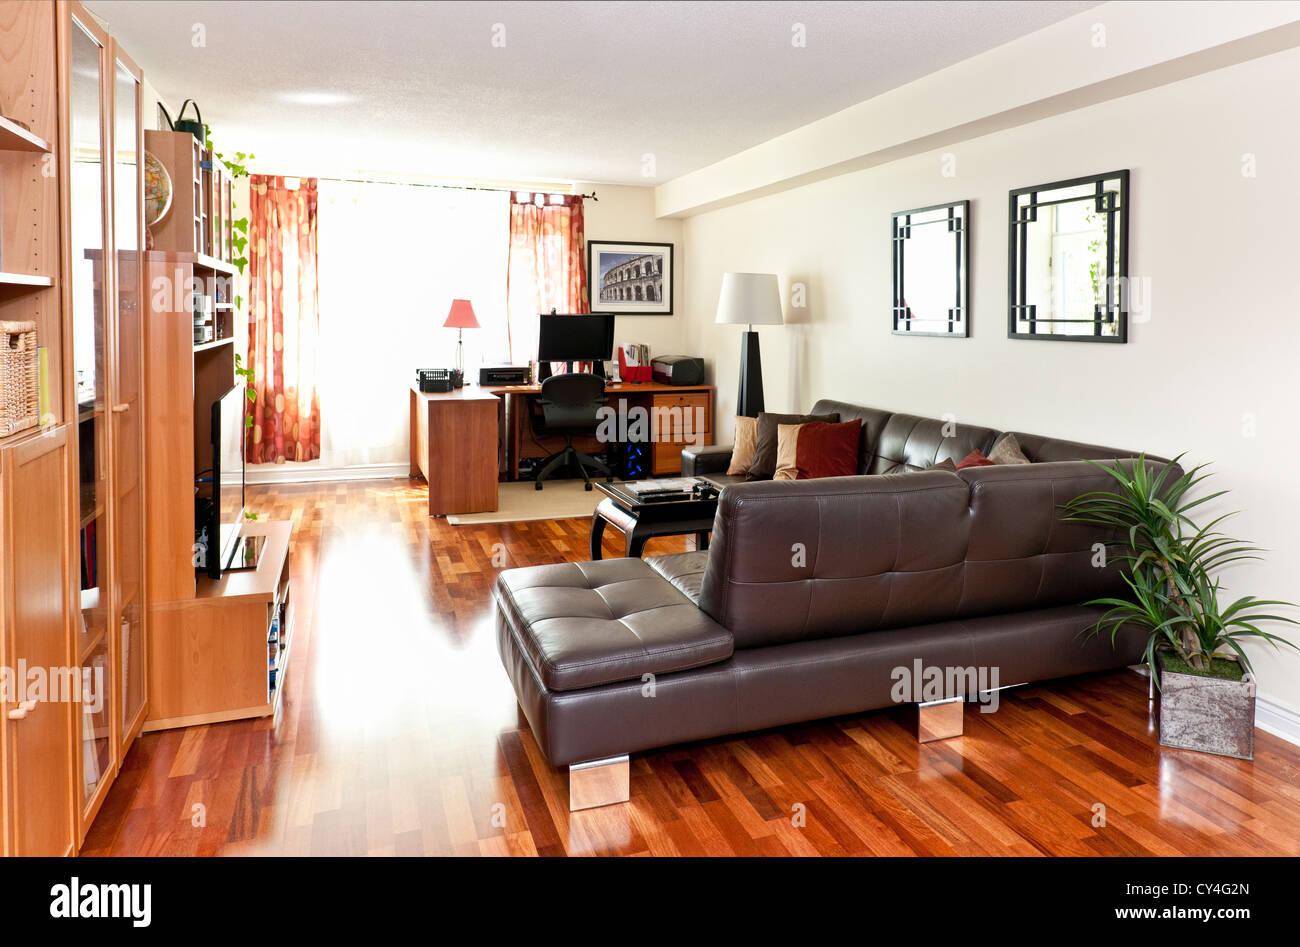 Salón con piso de madera - Ilustración del fotógrafo portfolio Imagen De Stock